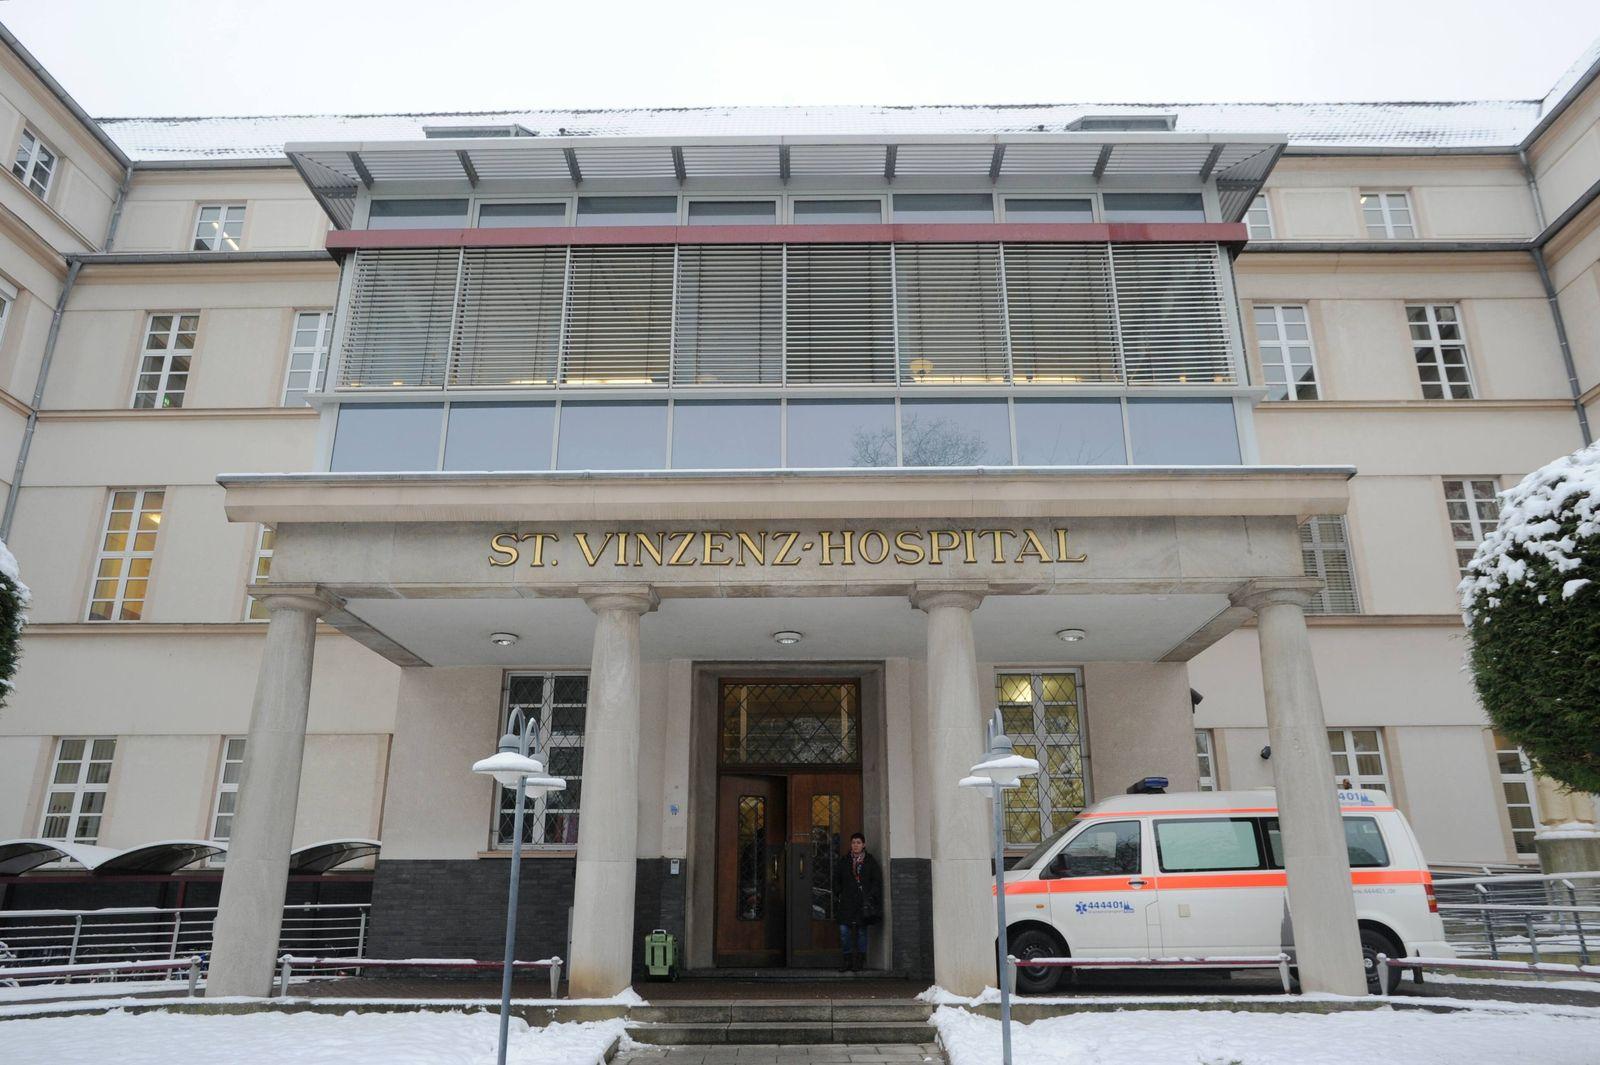 Köln/ Vergewaltigung/ St. Vinzenz-Hospital